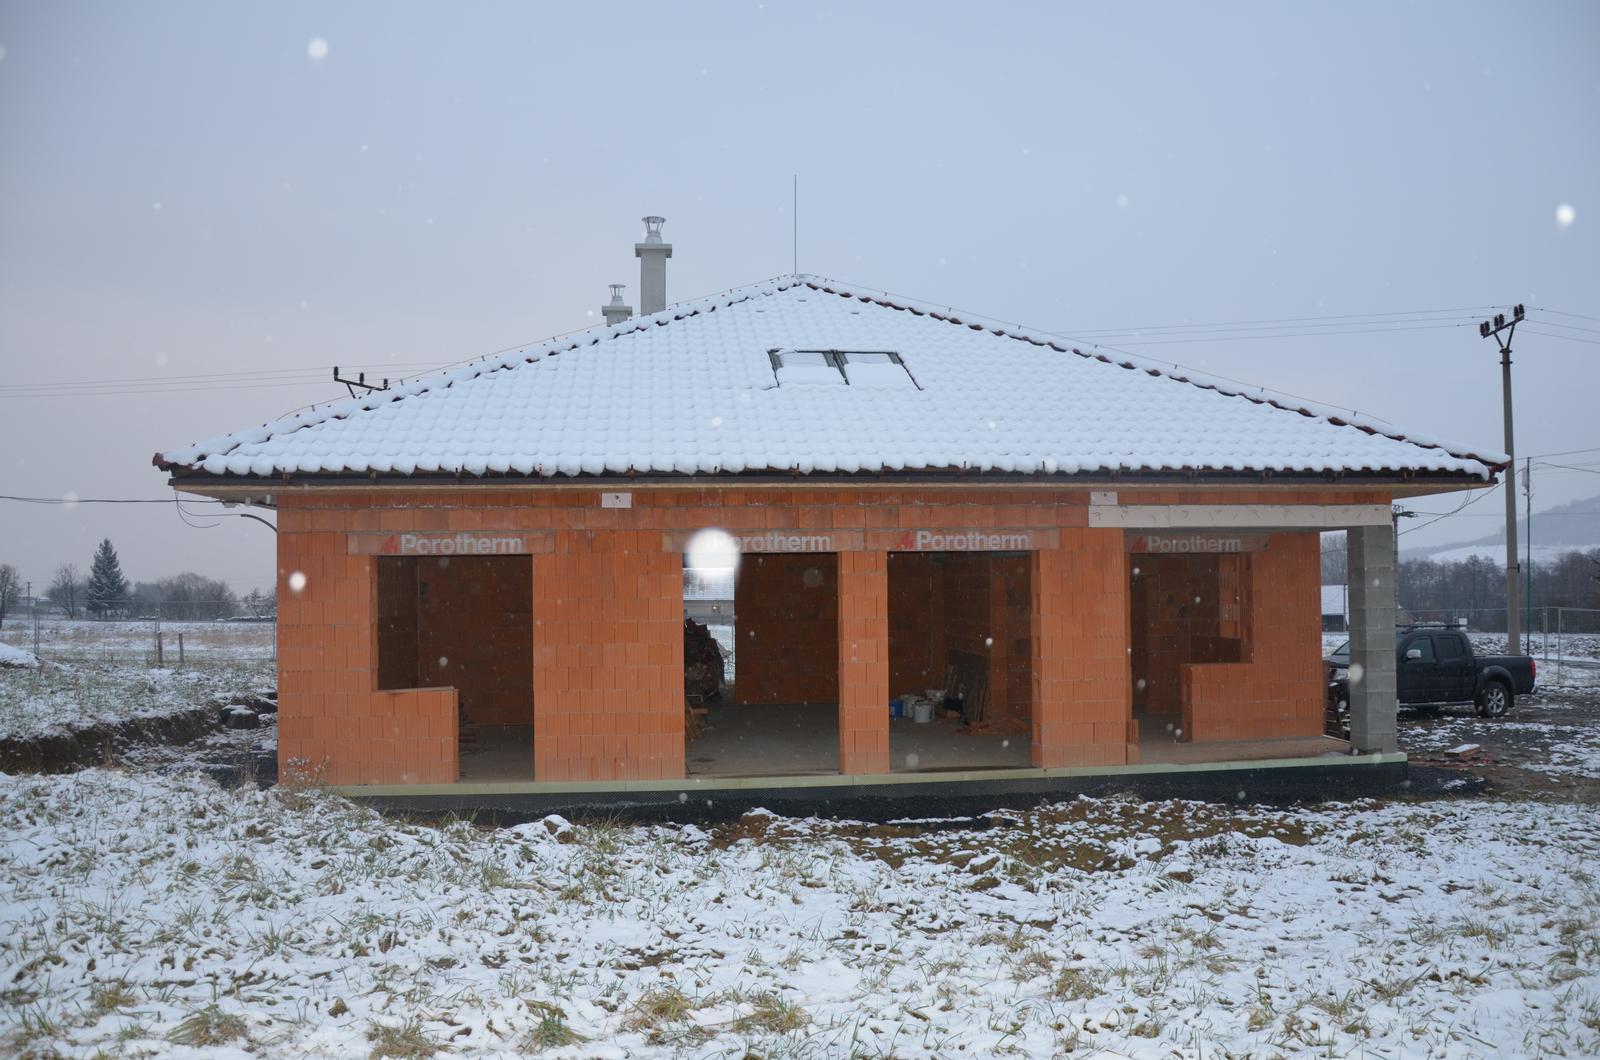 Náš budúci domov - Pohľad z ľava - balkón + okno: spálňa. Vedľa 2ks veľké okná: obývačka. Vpravo balkón + okno: kuchyňa. 25.1.2015